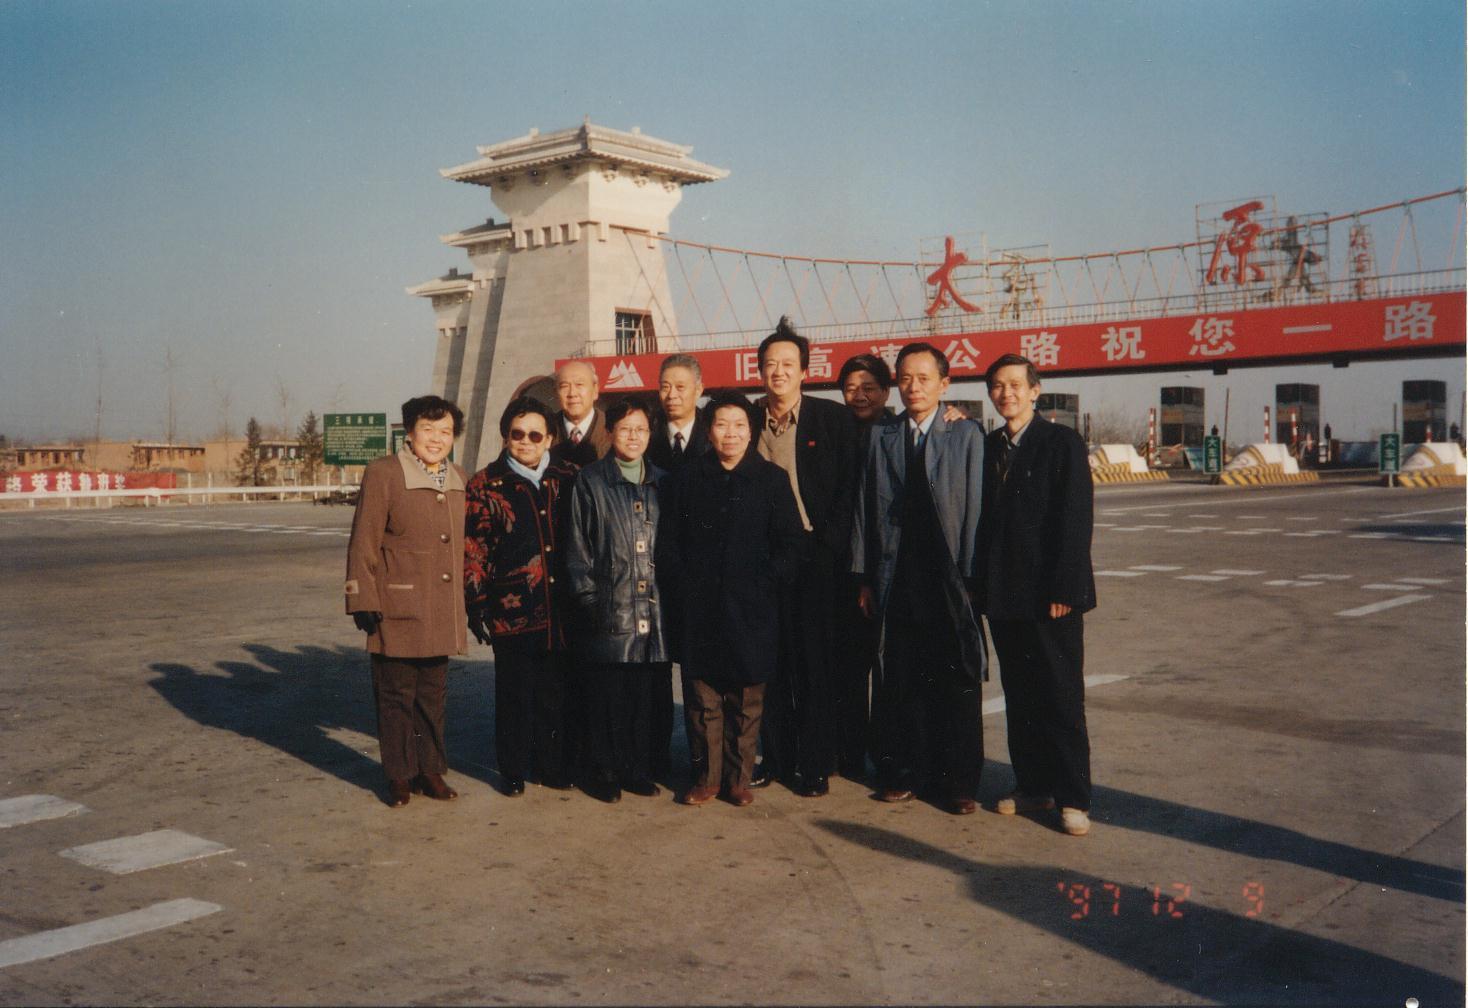 杨珊珊(左前四)与归侨侨眷参观太旧高速公路.JPG